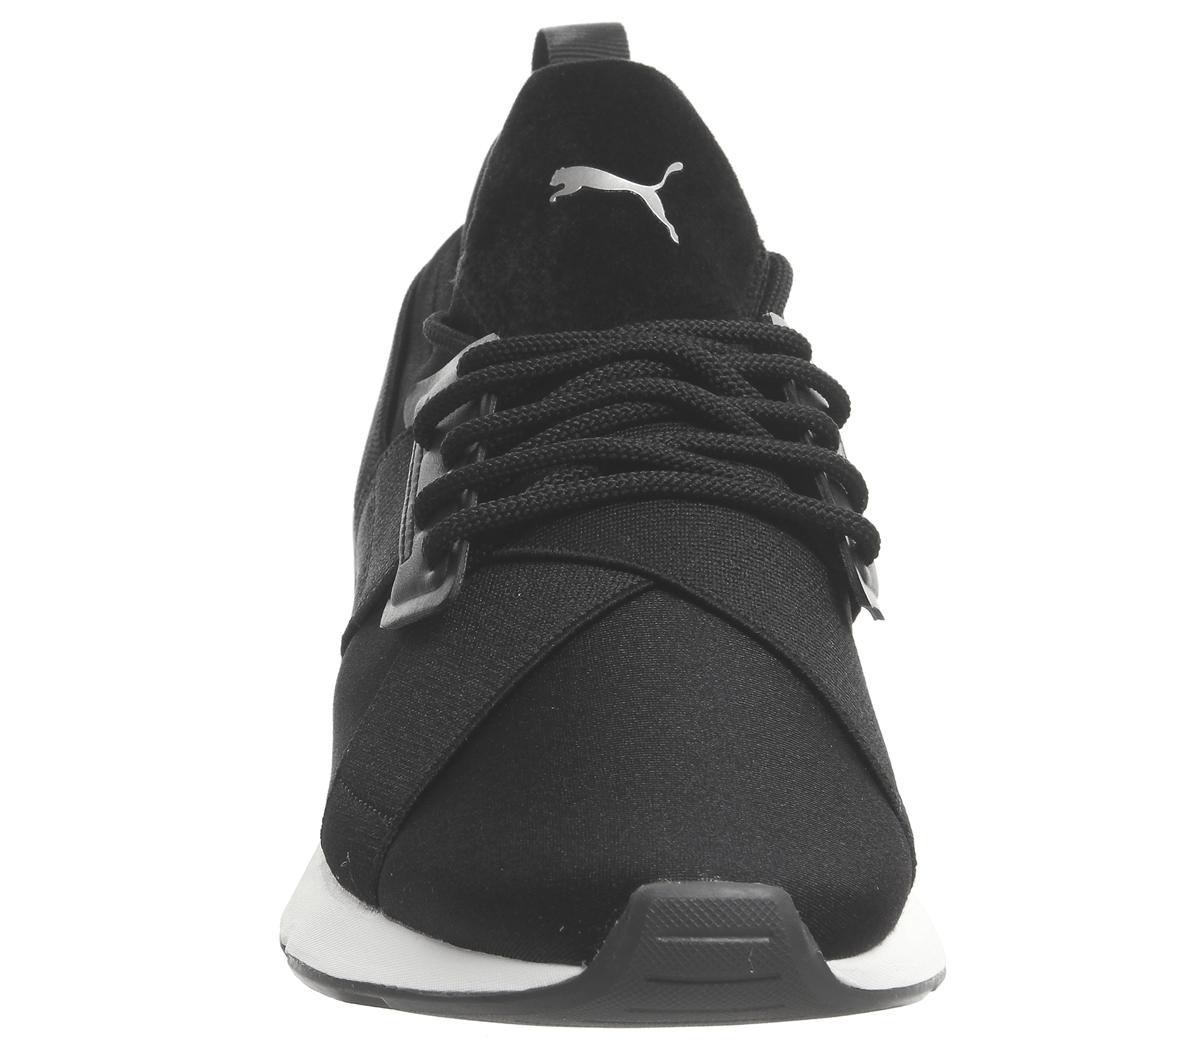 buy popular b71d0 a6f27 SENTINEL Donna Puma Puma Muse Xstrap scarpe da ginnastica bianche formatori scarpe  nere